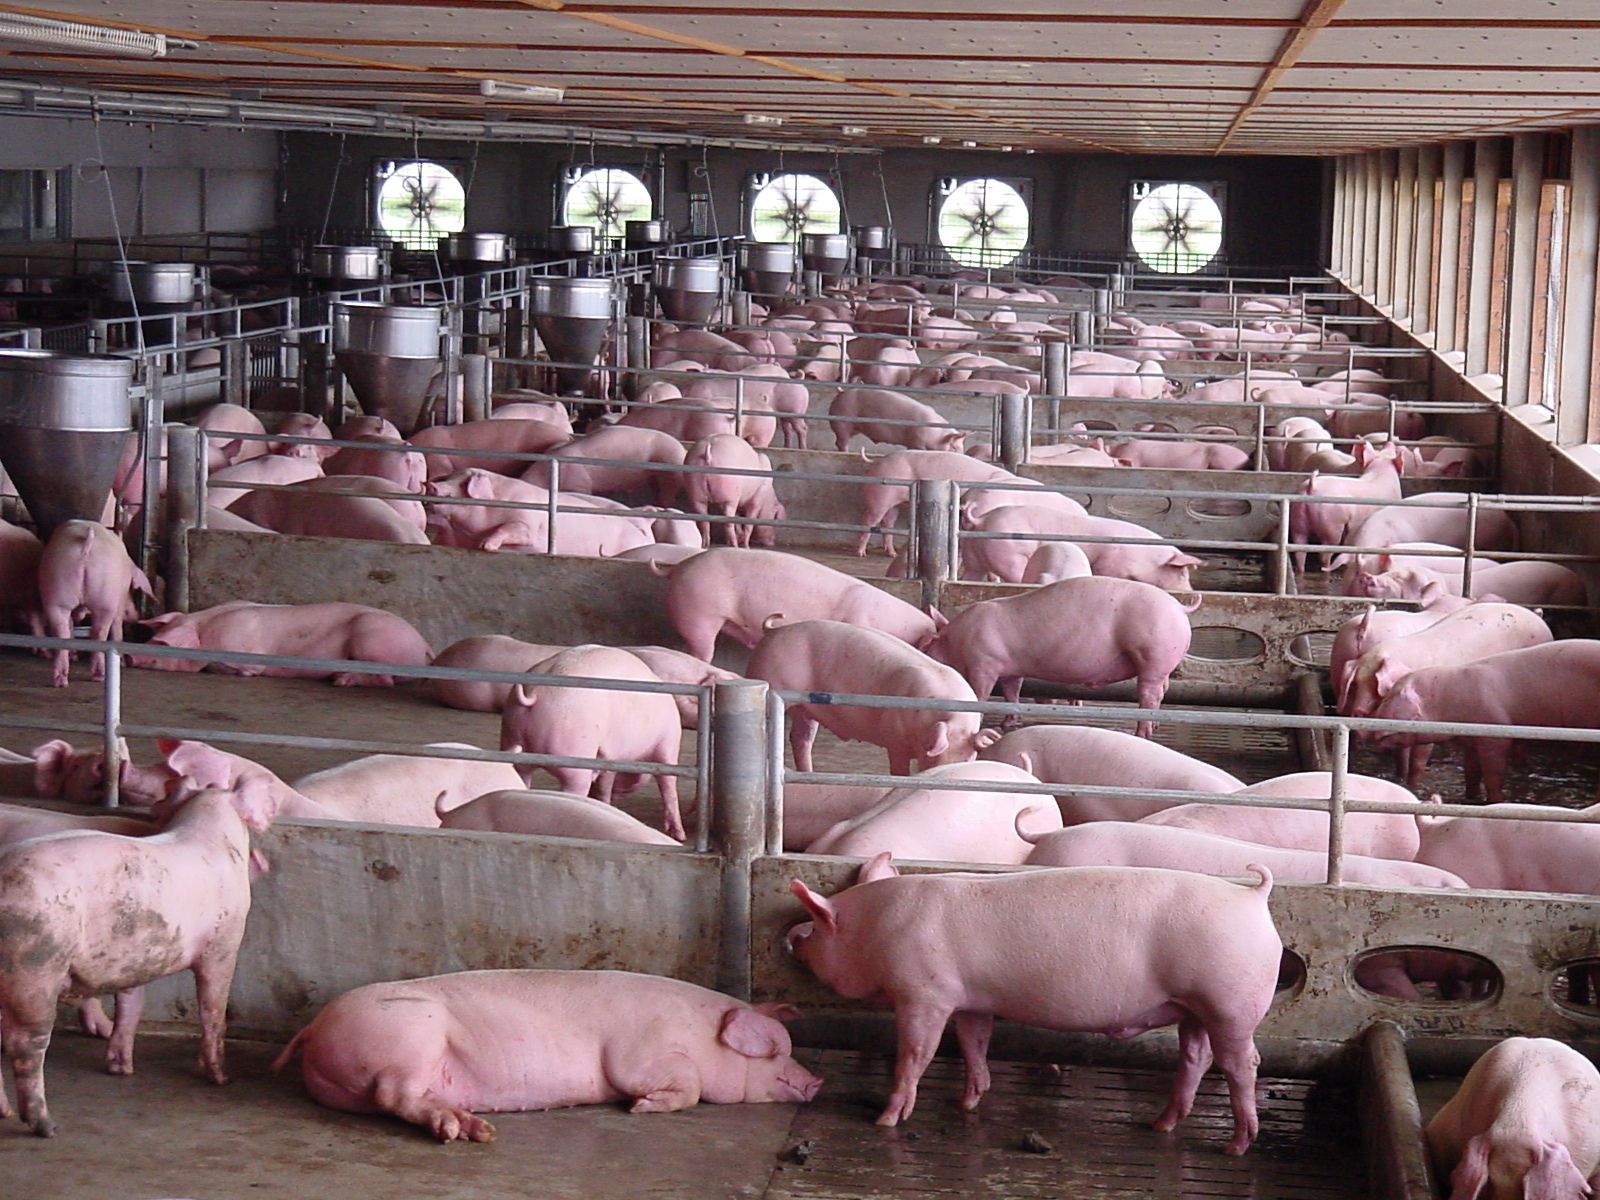 全国生猪供应局面向好 生猪价格或将再度降温